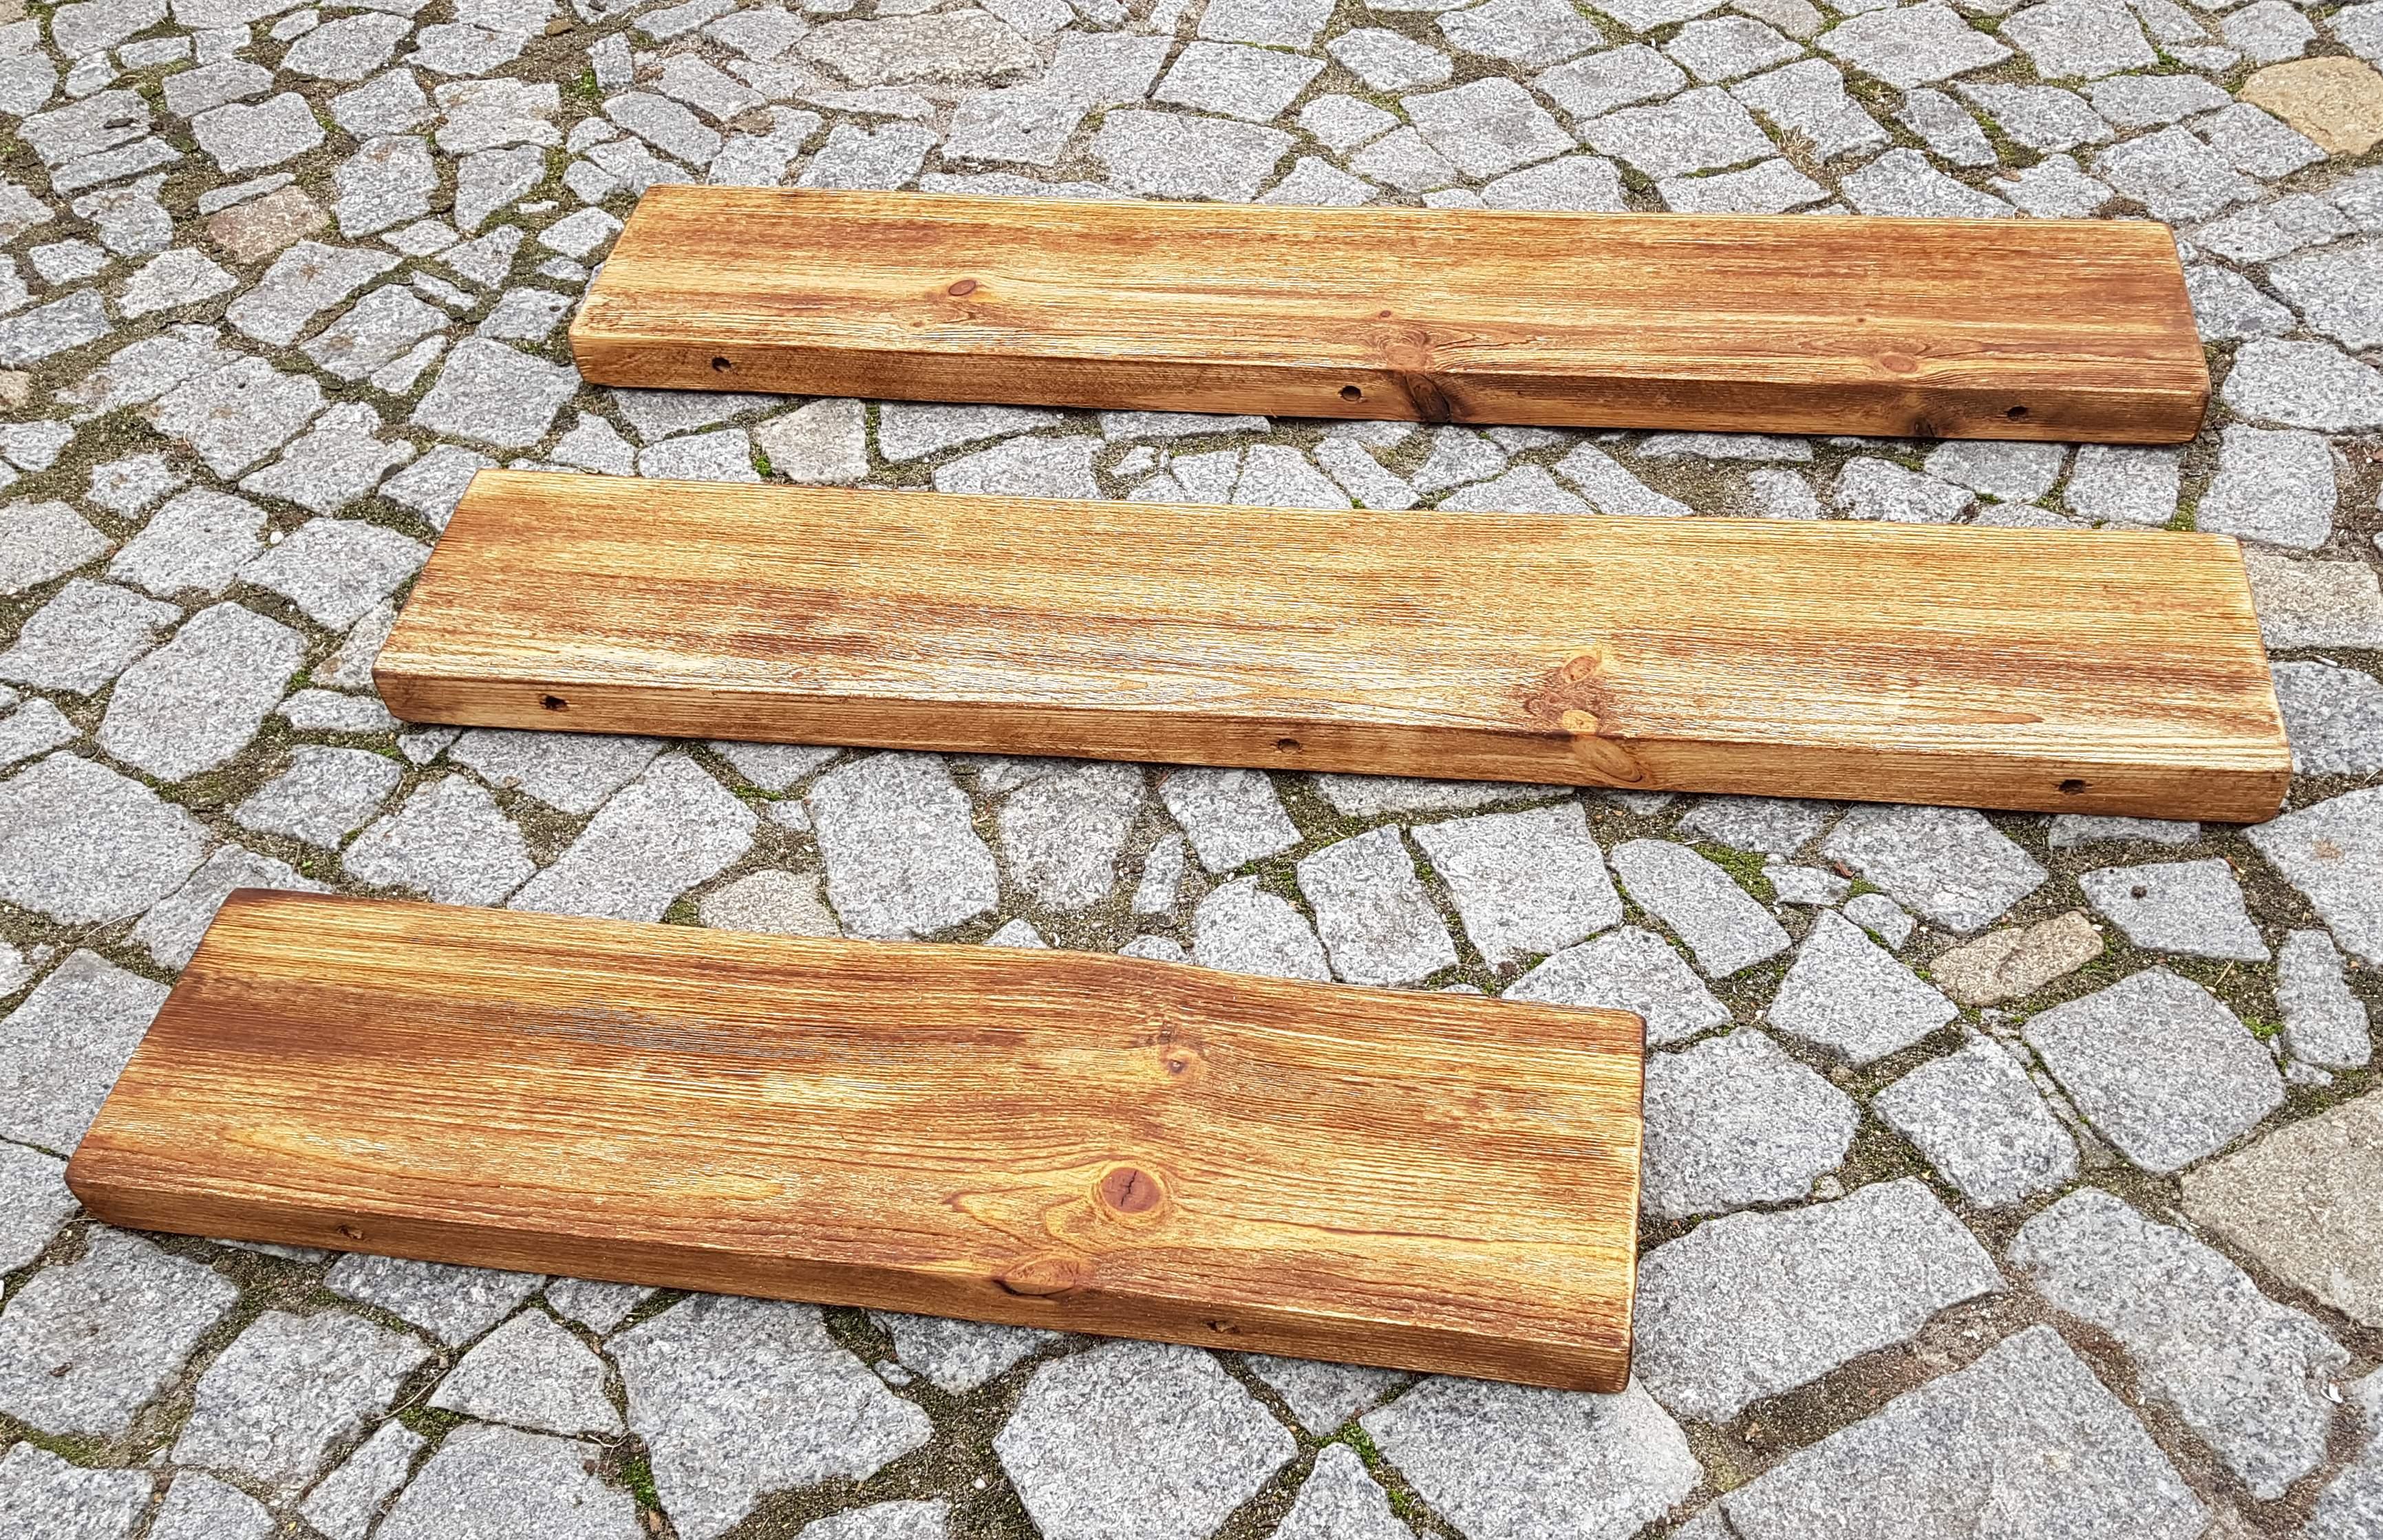 Półki Z Drewna Litego Z Naturalną Krawędzią Przygotowane Pod Niewidoczny Montaż